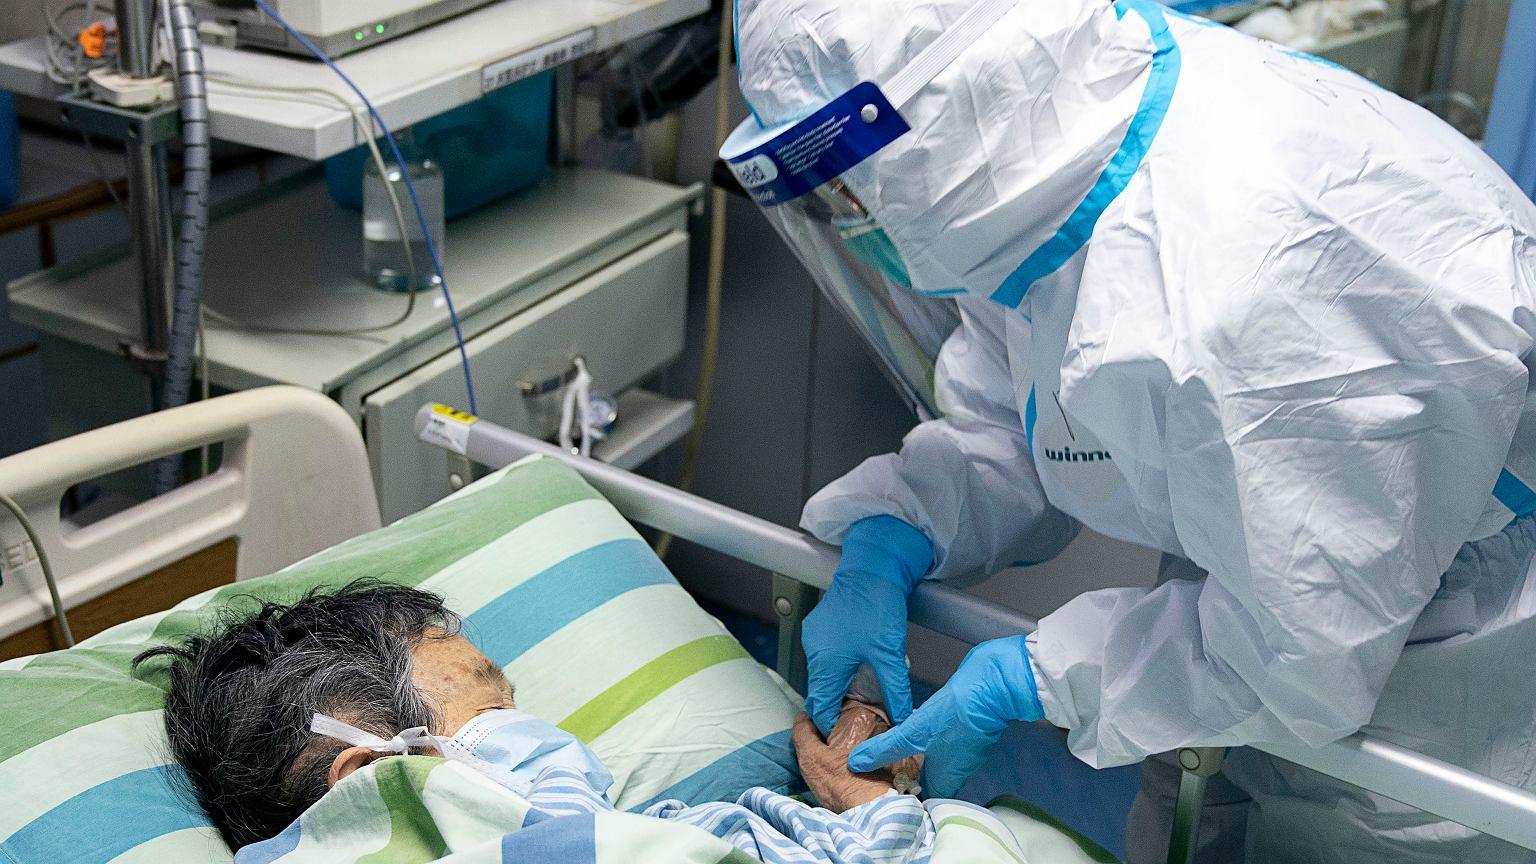 Koronawirus zabił już 41 osób. Nowe przypadki zachorowań we Francji i Australii | Wiadomości ze świata - Gazeta.pl